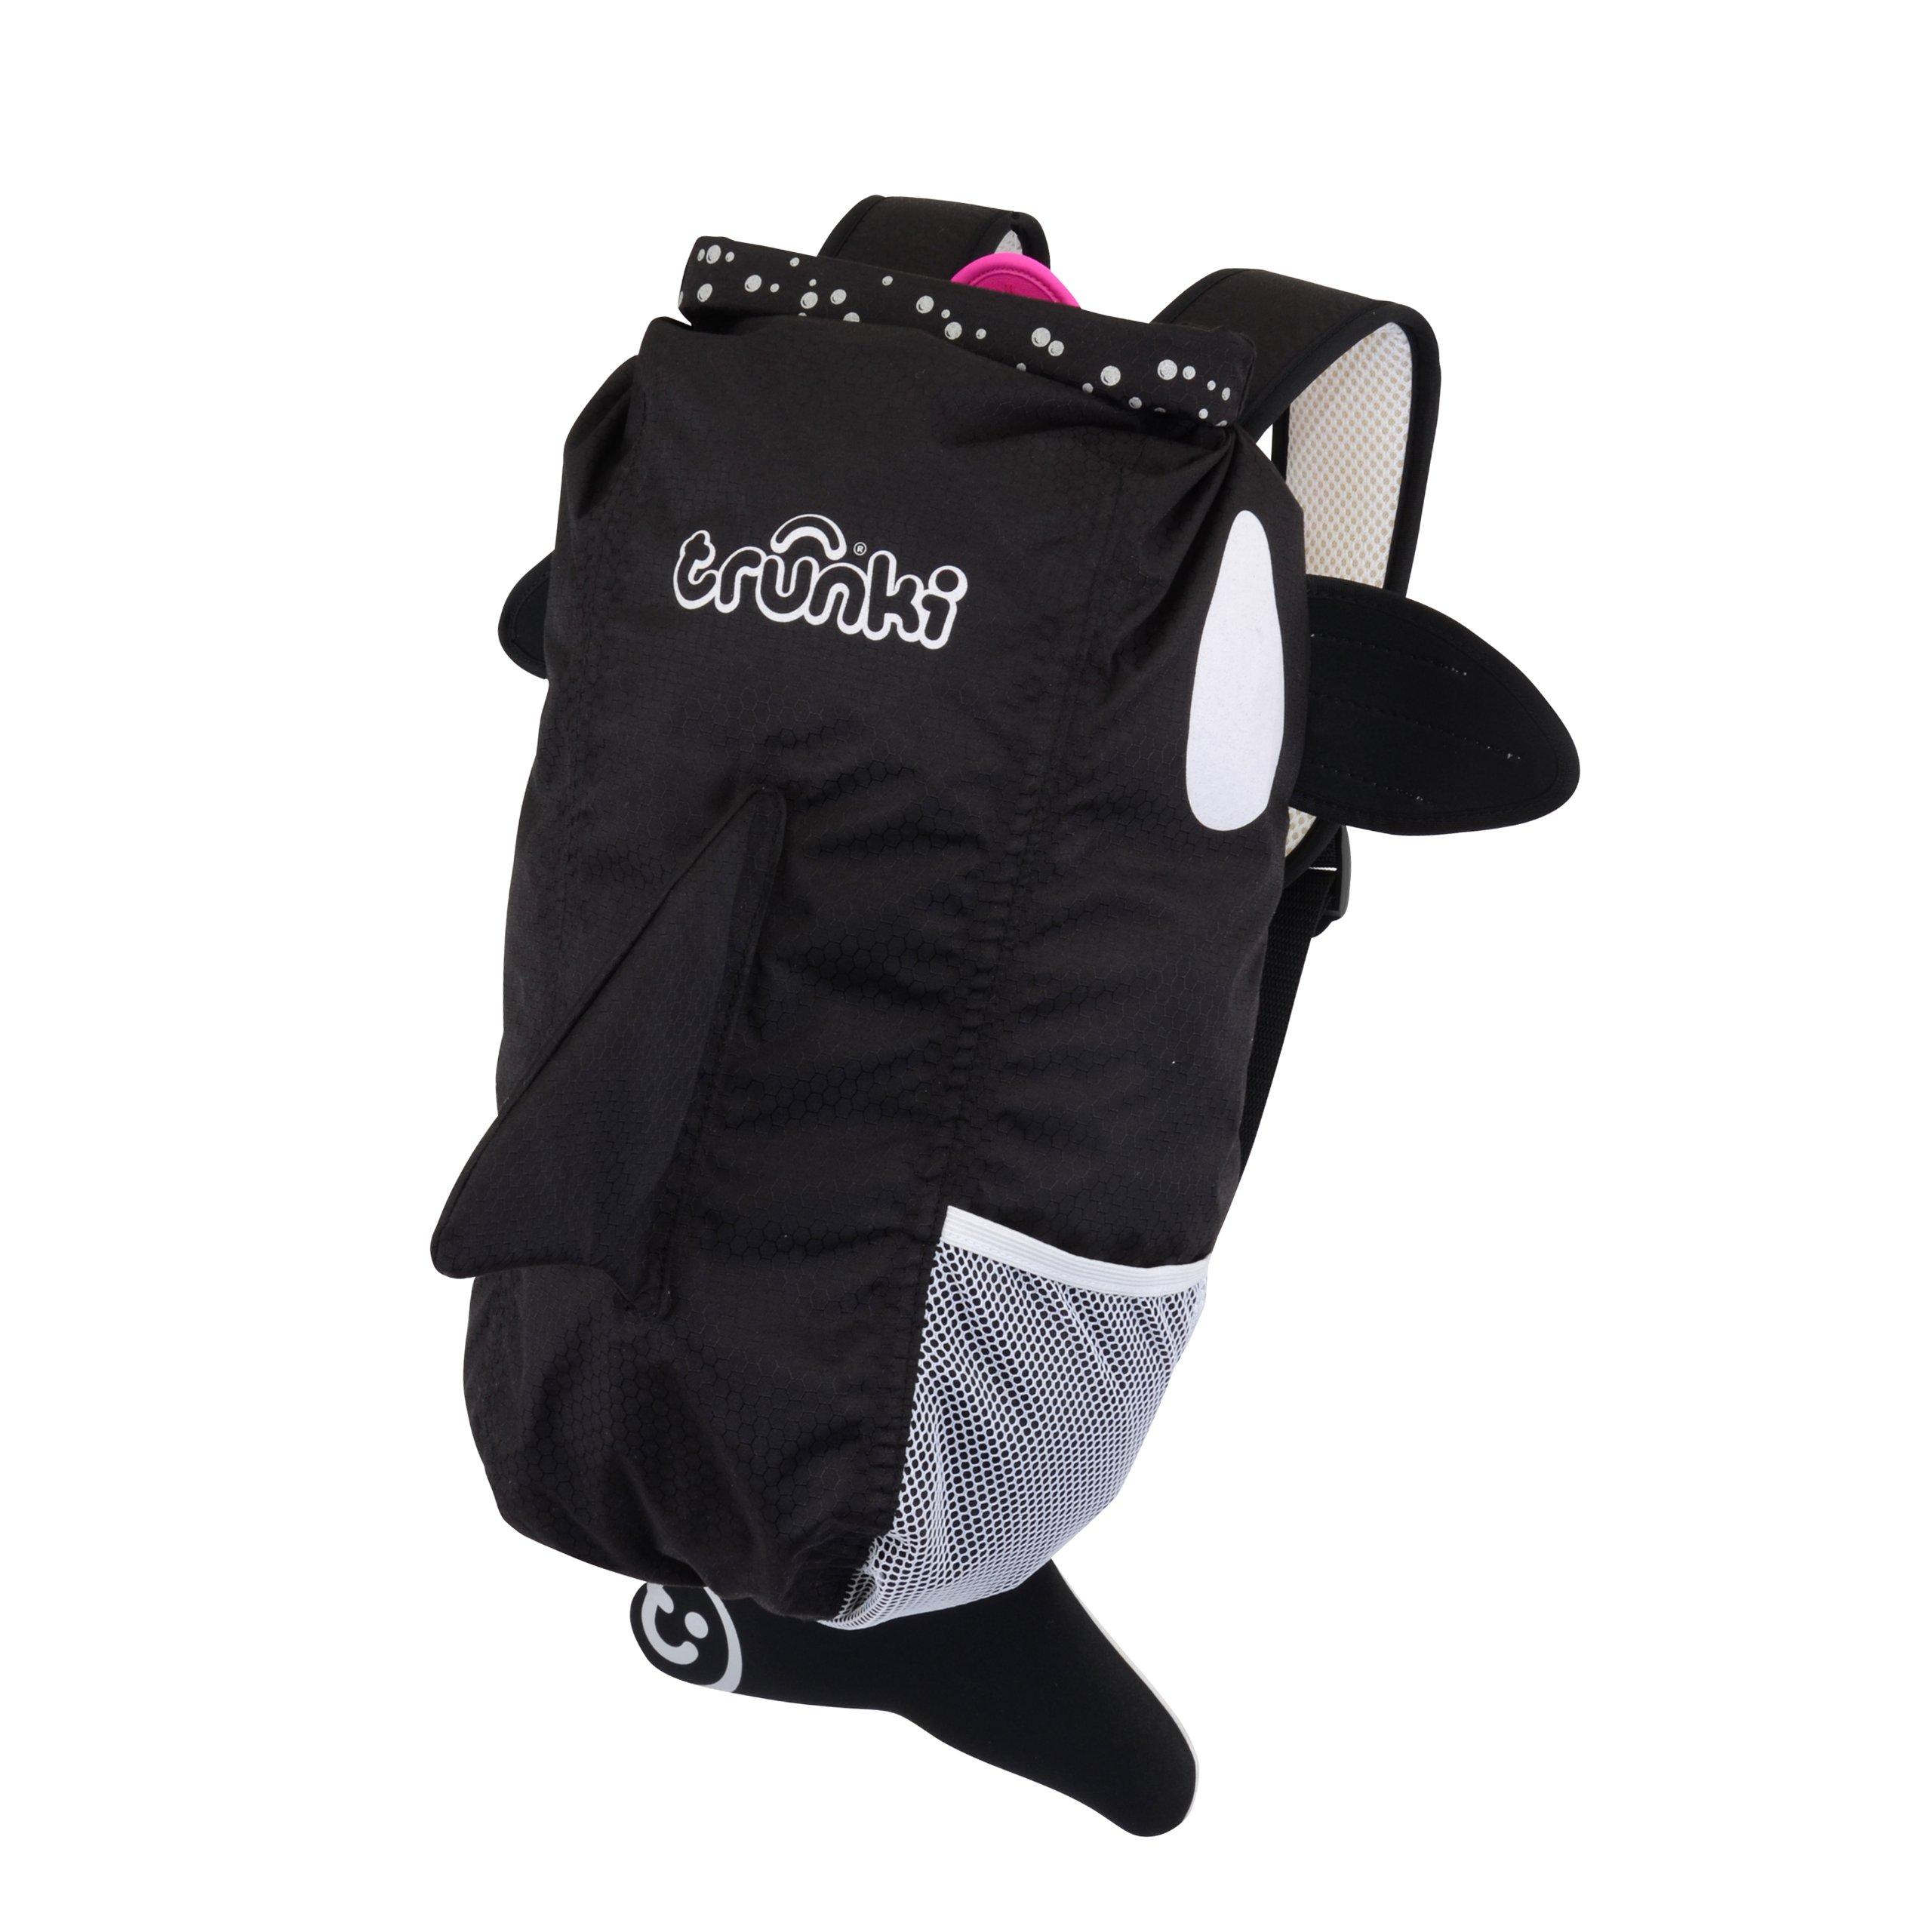 Amazon.com : Trunki Kid's Waterproof Swim & Gym Bag